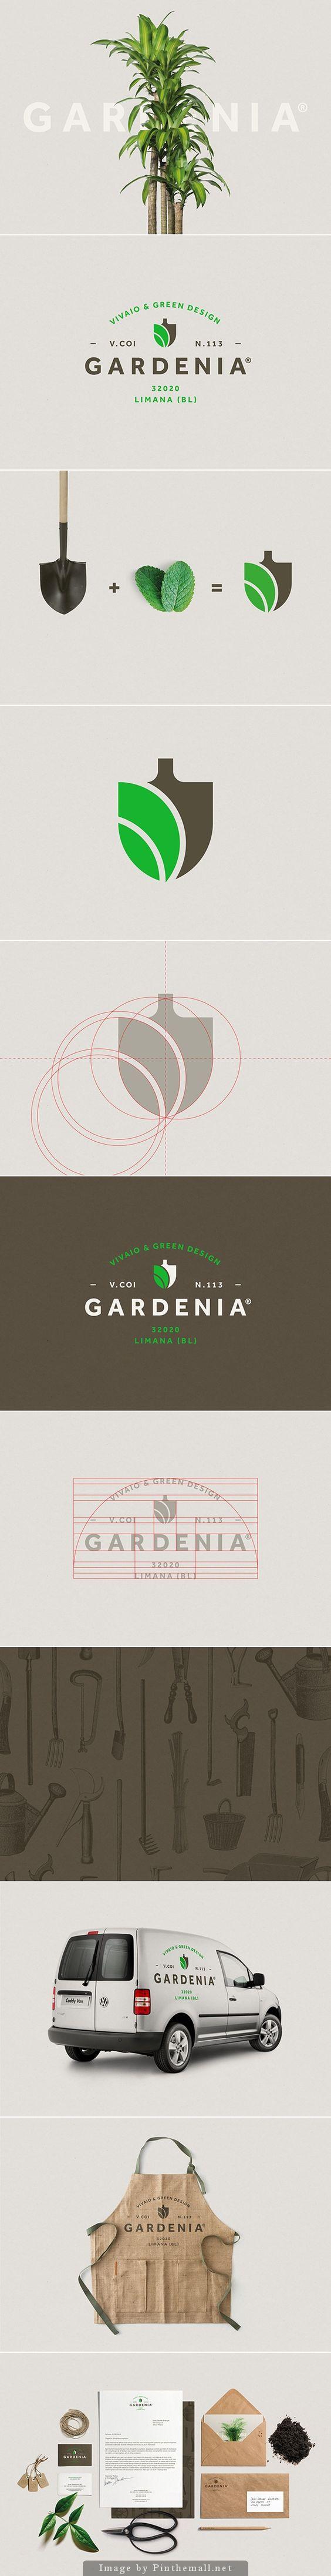 Gardenia identity by Luca Fontana // Creación de un logo simple que expresa fácilmente su propósito.: